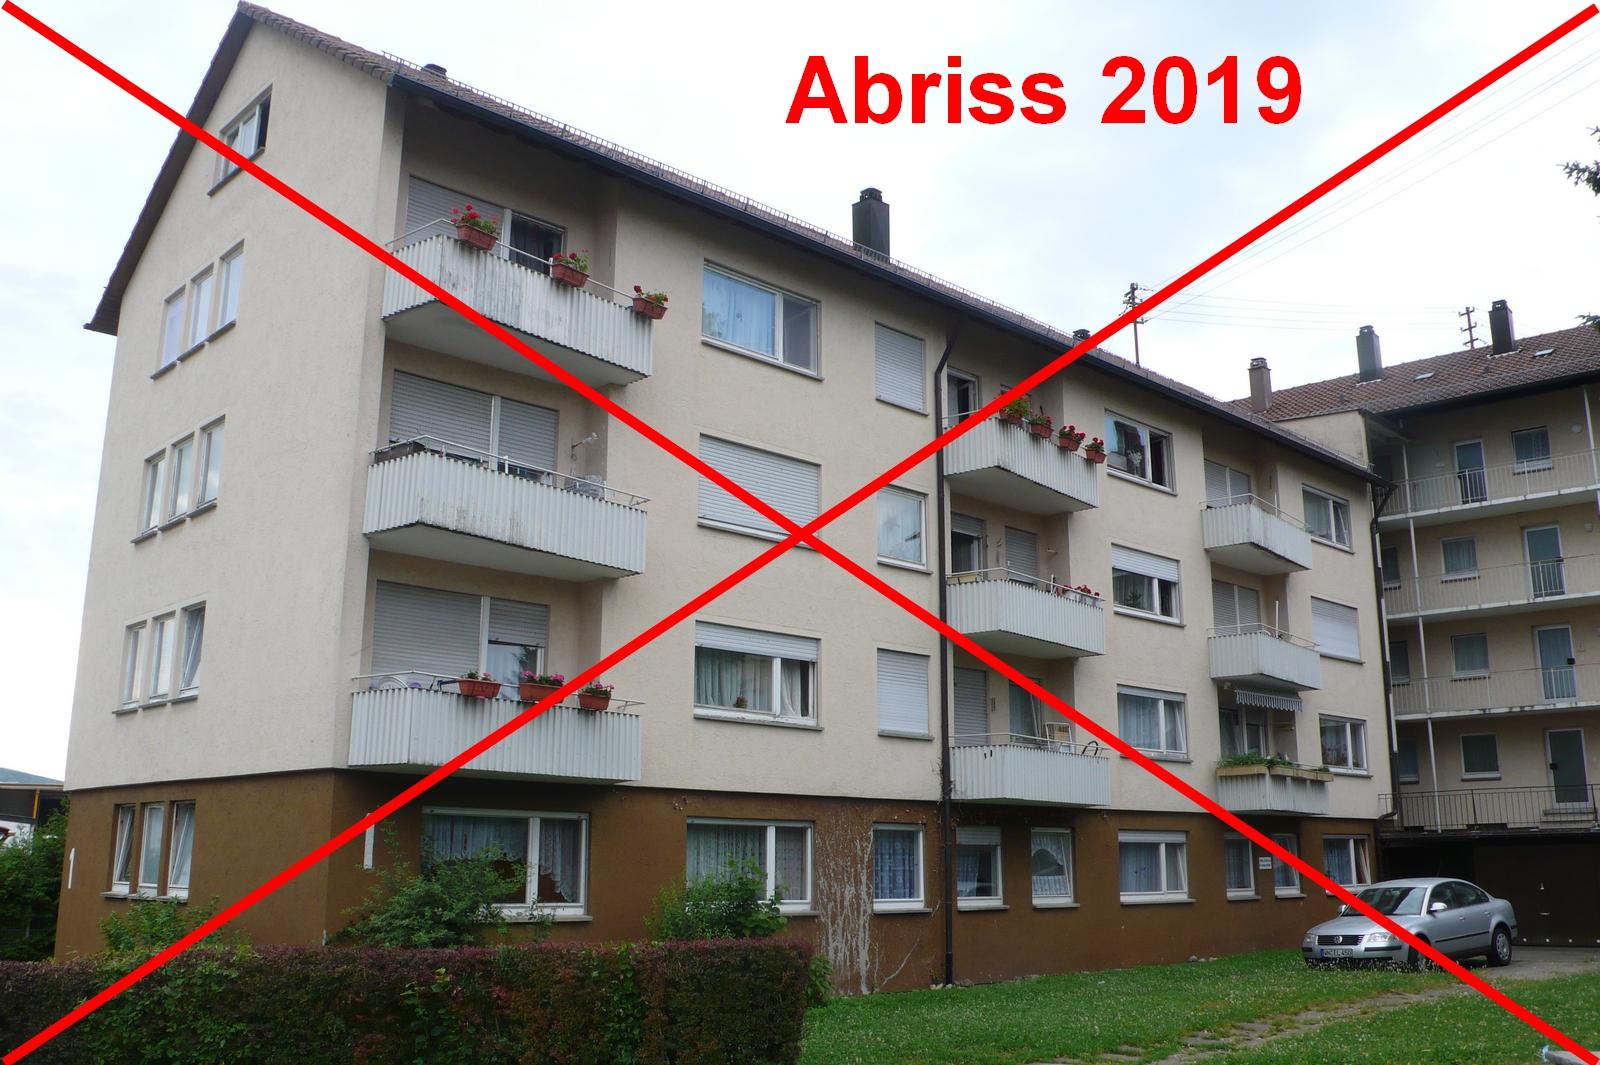 Eido 1 3 Abriss 1 - Alle BGW-Häuser